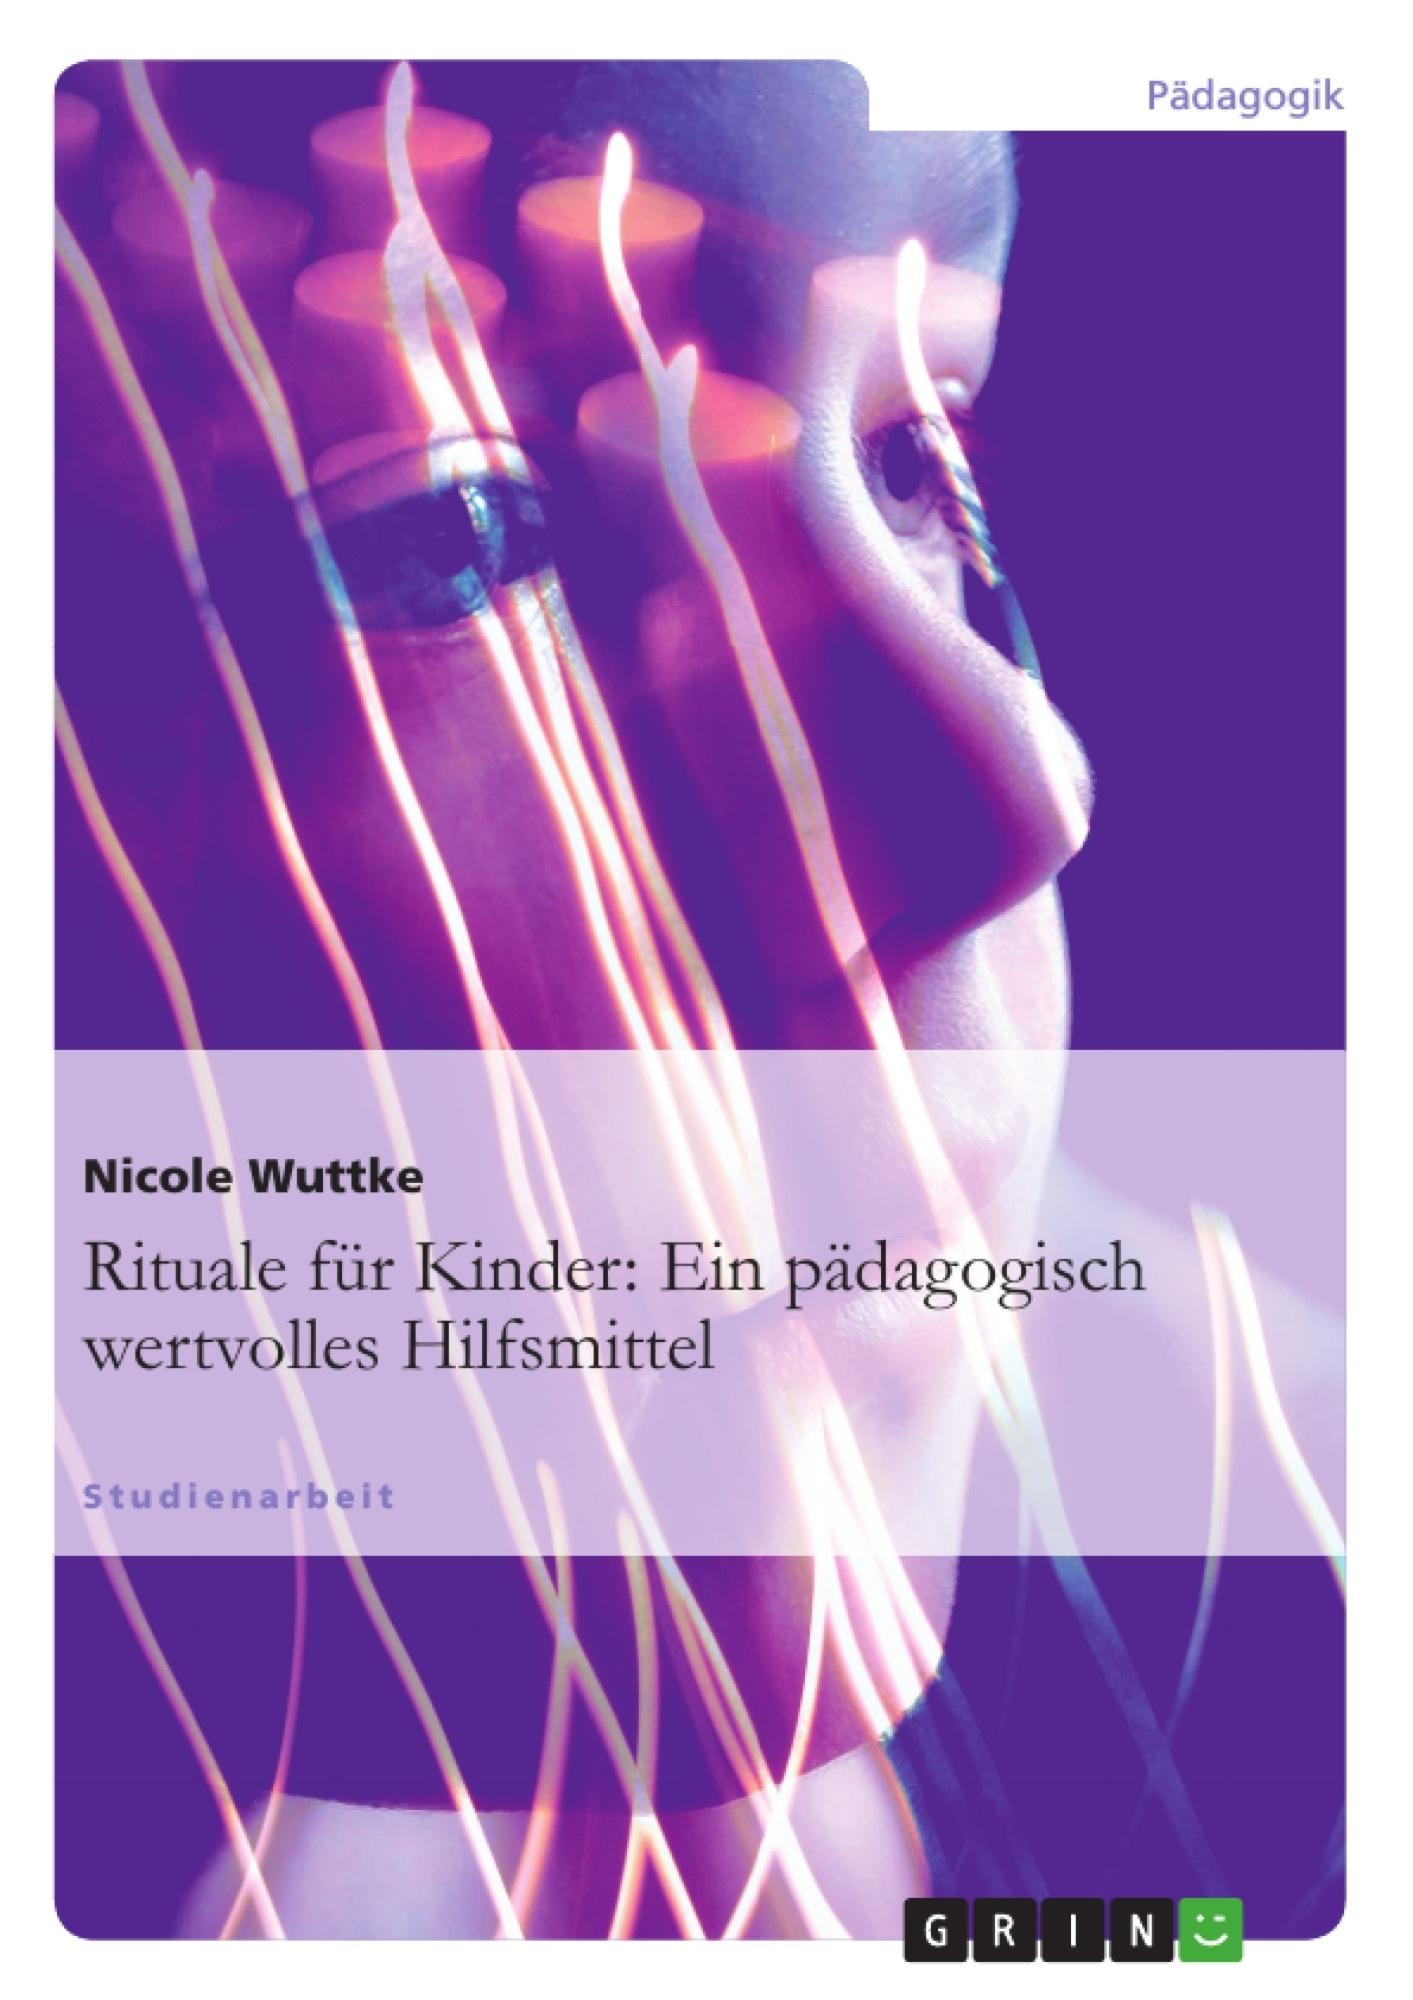 Titel: Rituale für Kinder: Ein pädagogisch wertvolles Hilfsmittel